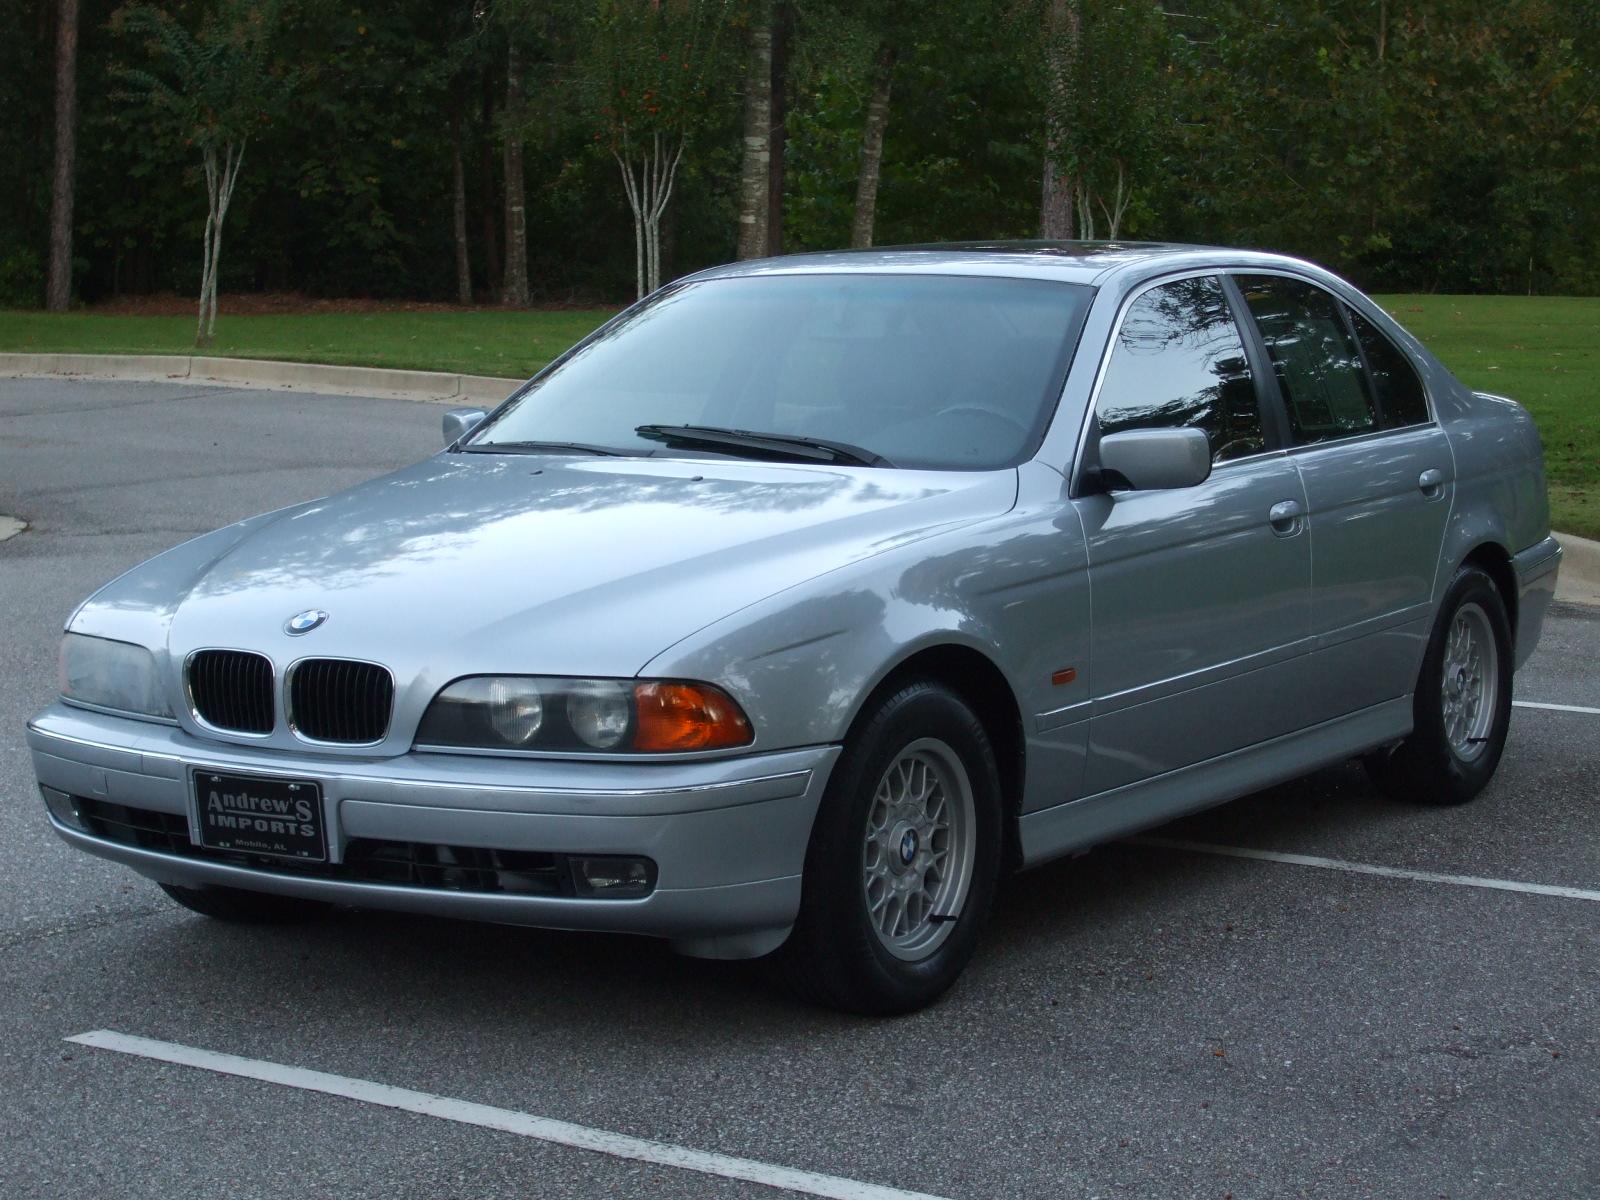 1998 Bmw 5 Series Pictures Cargurus